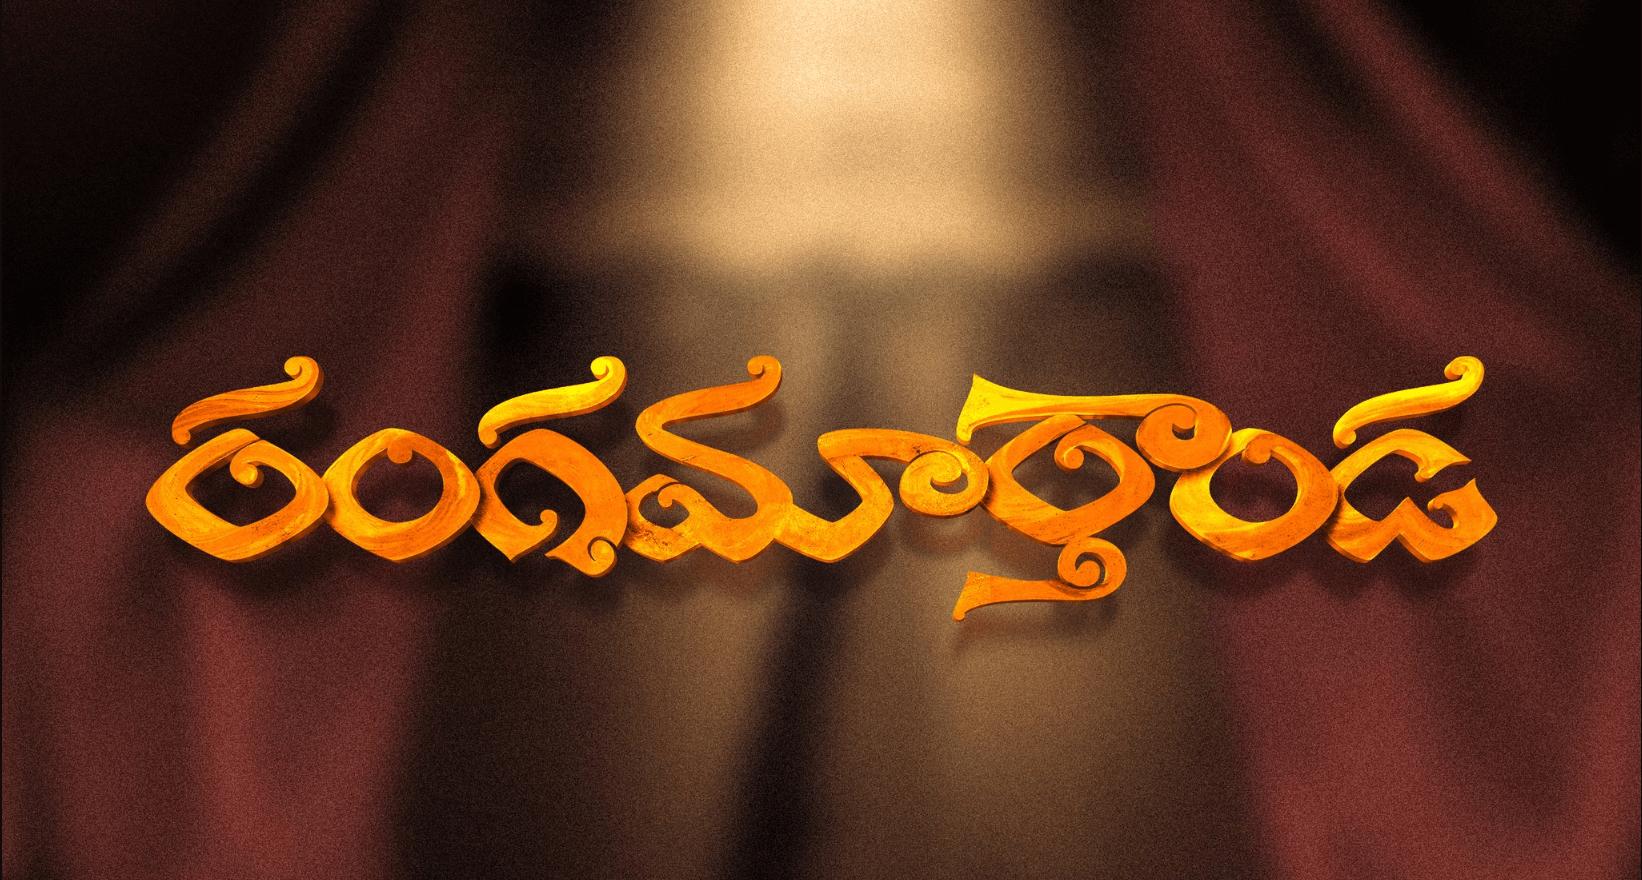 Ranga Maarthaanda Telugu Movie